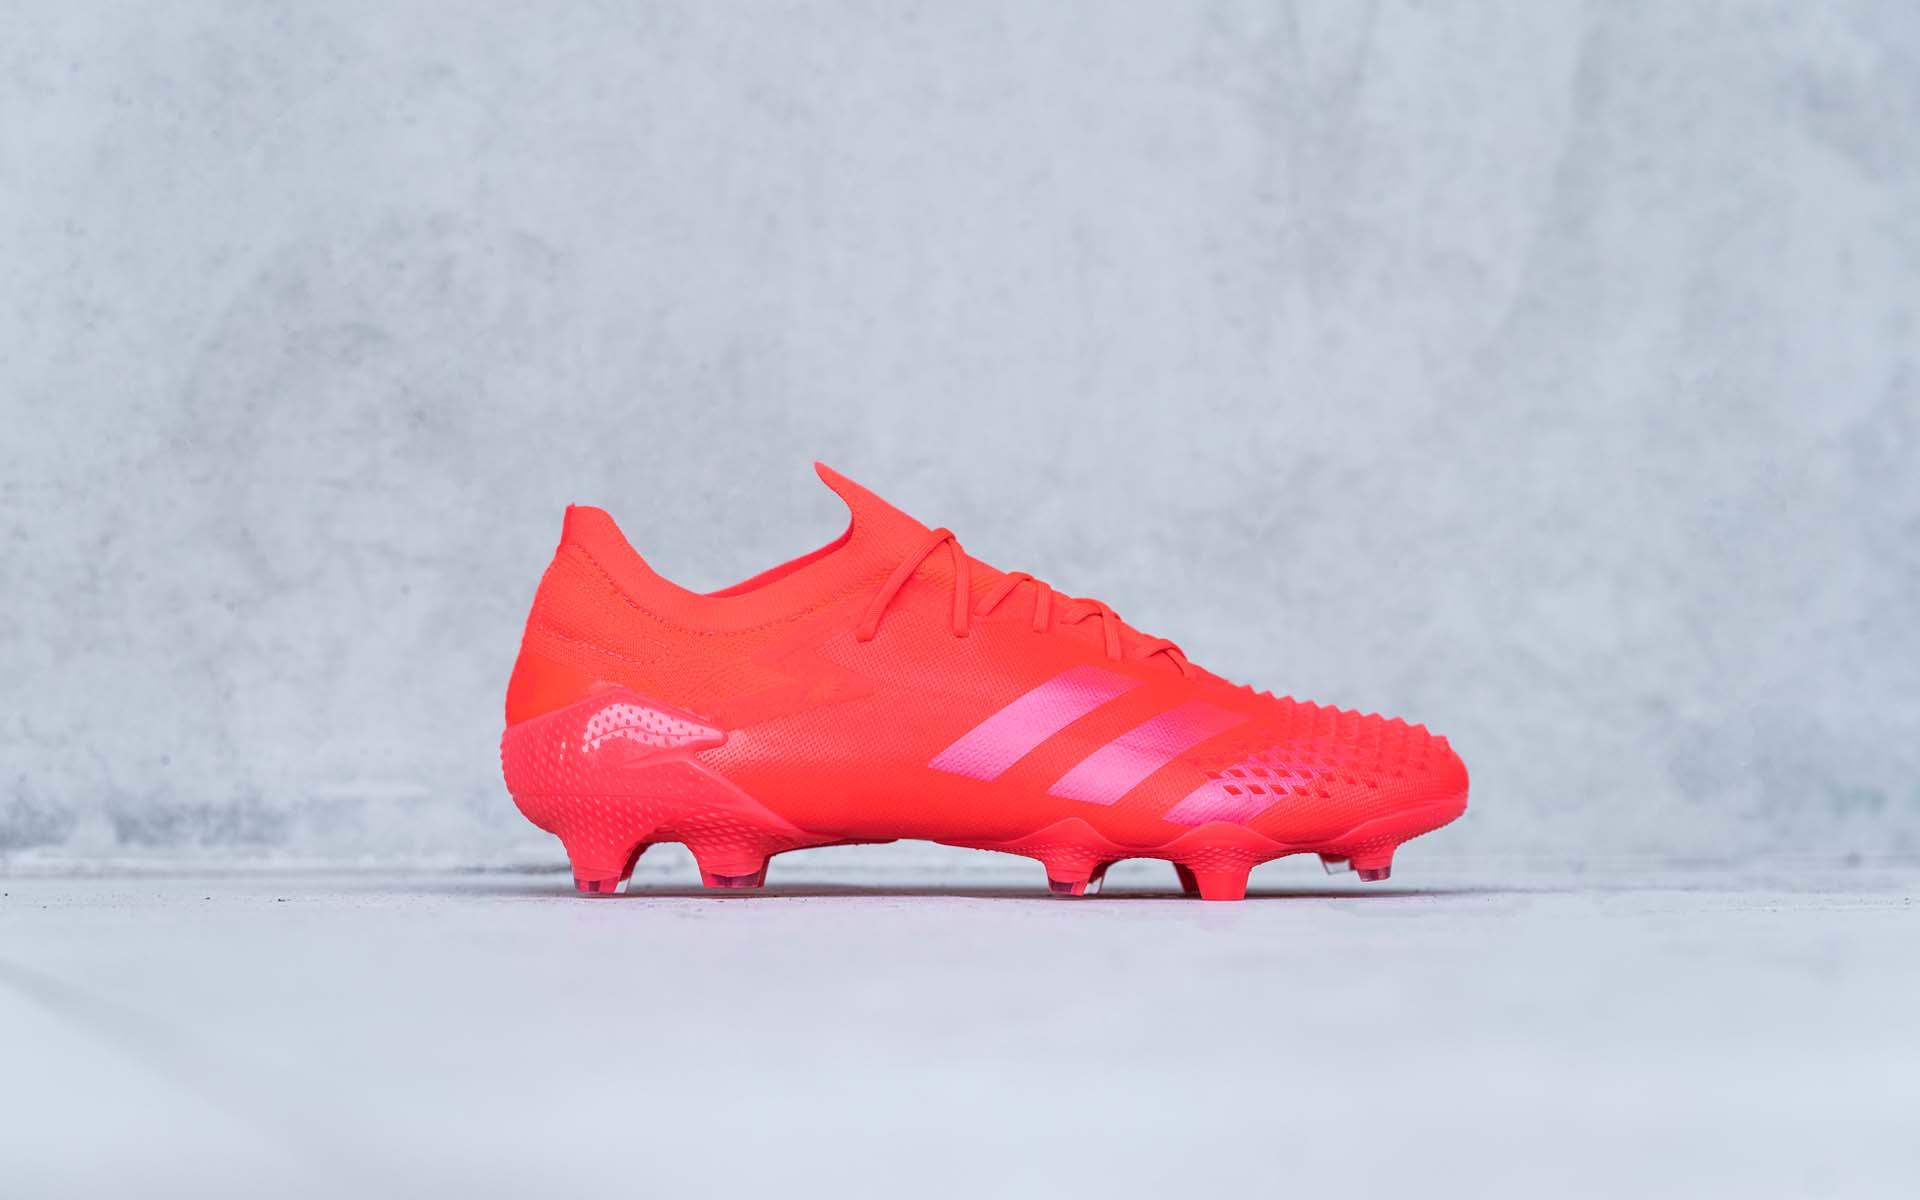 Giày bóng đá Adidas Predator 20.1 FG bản cổ thấp màu cam Locality Pack